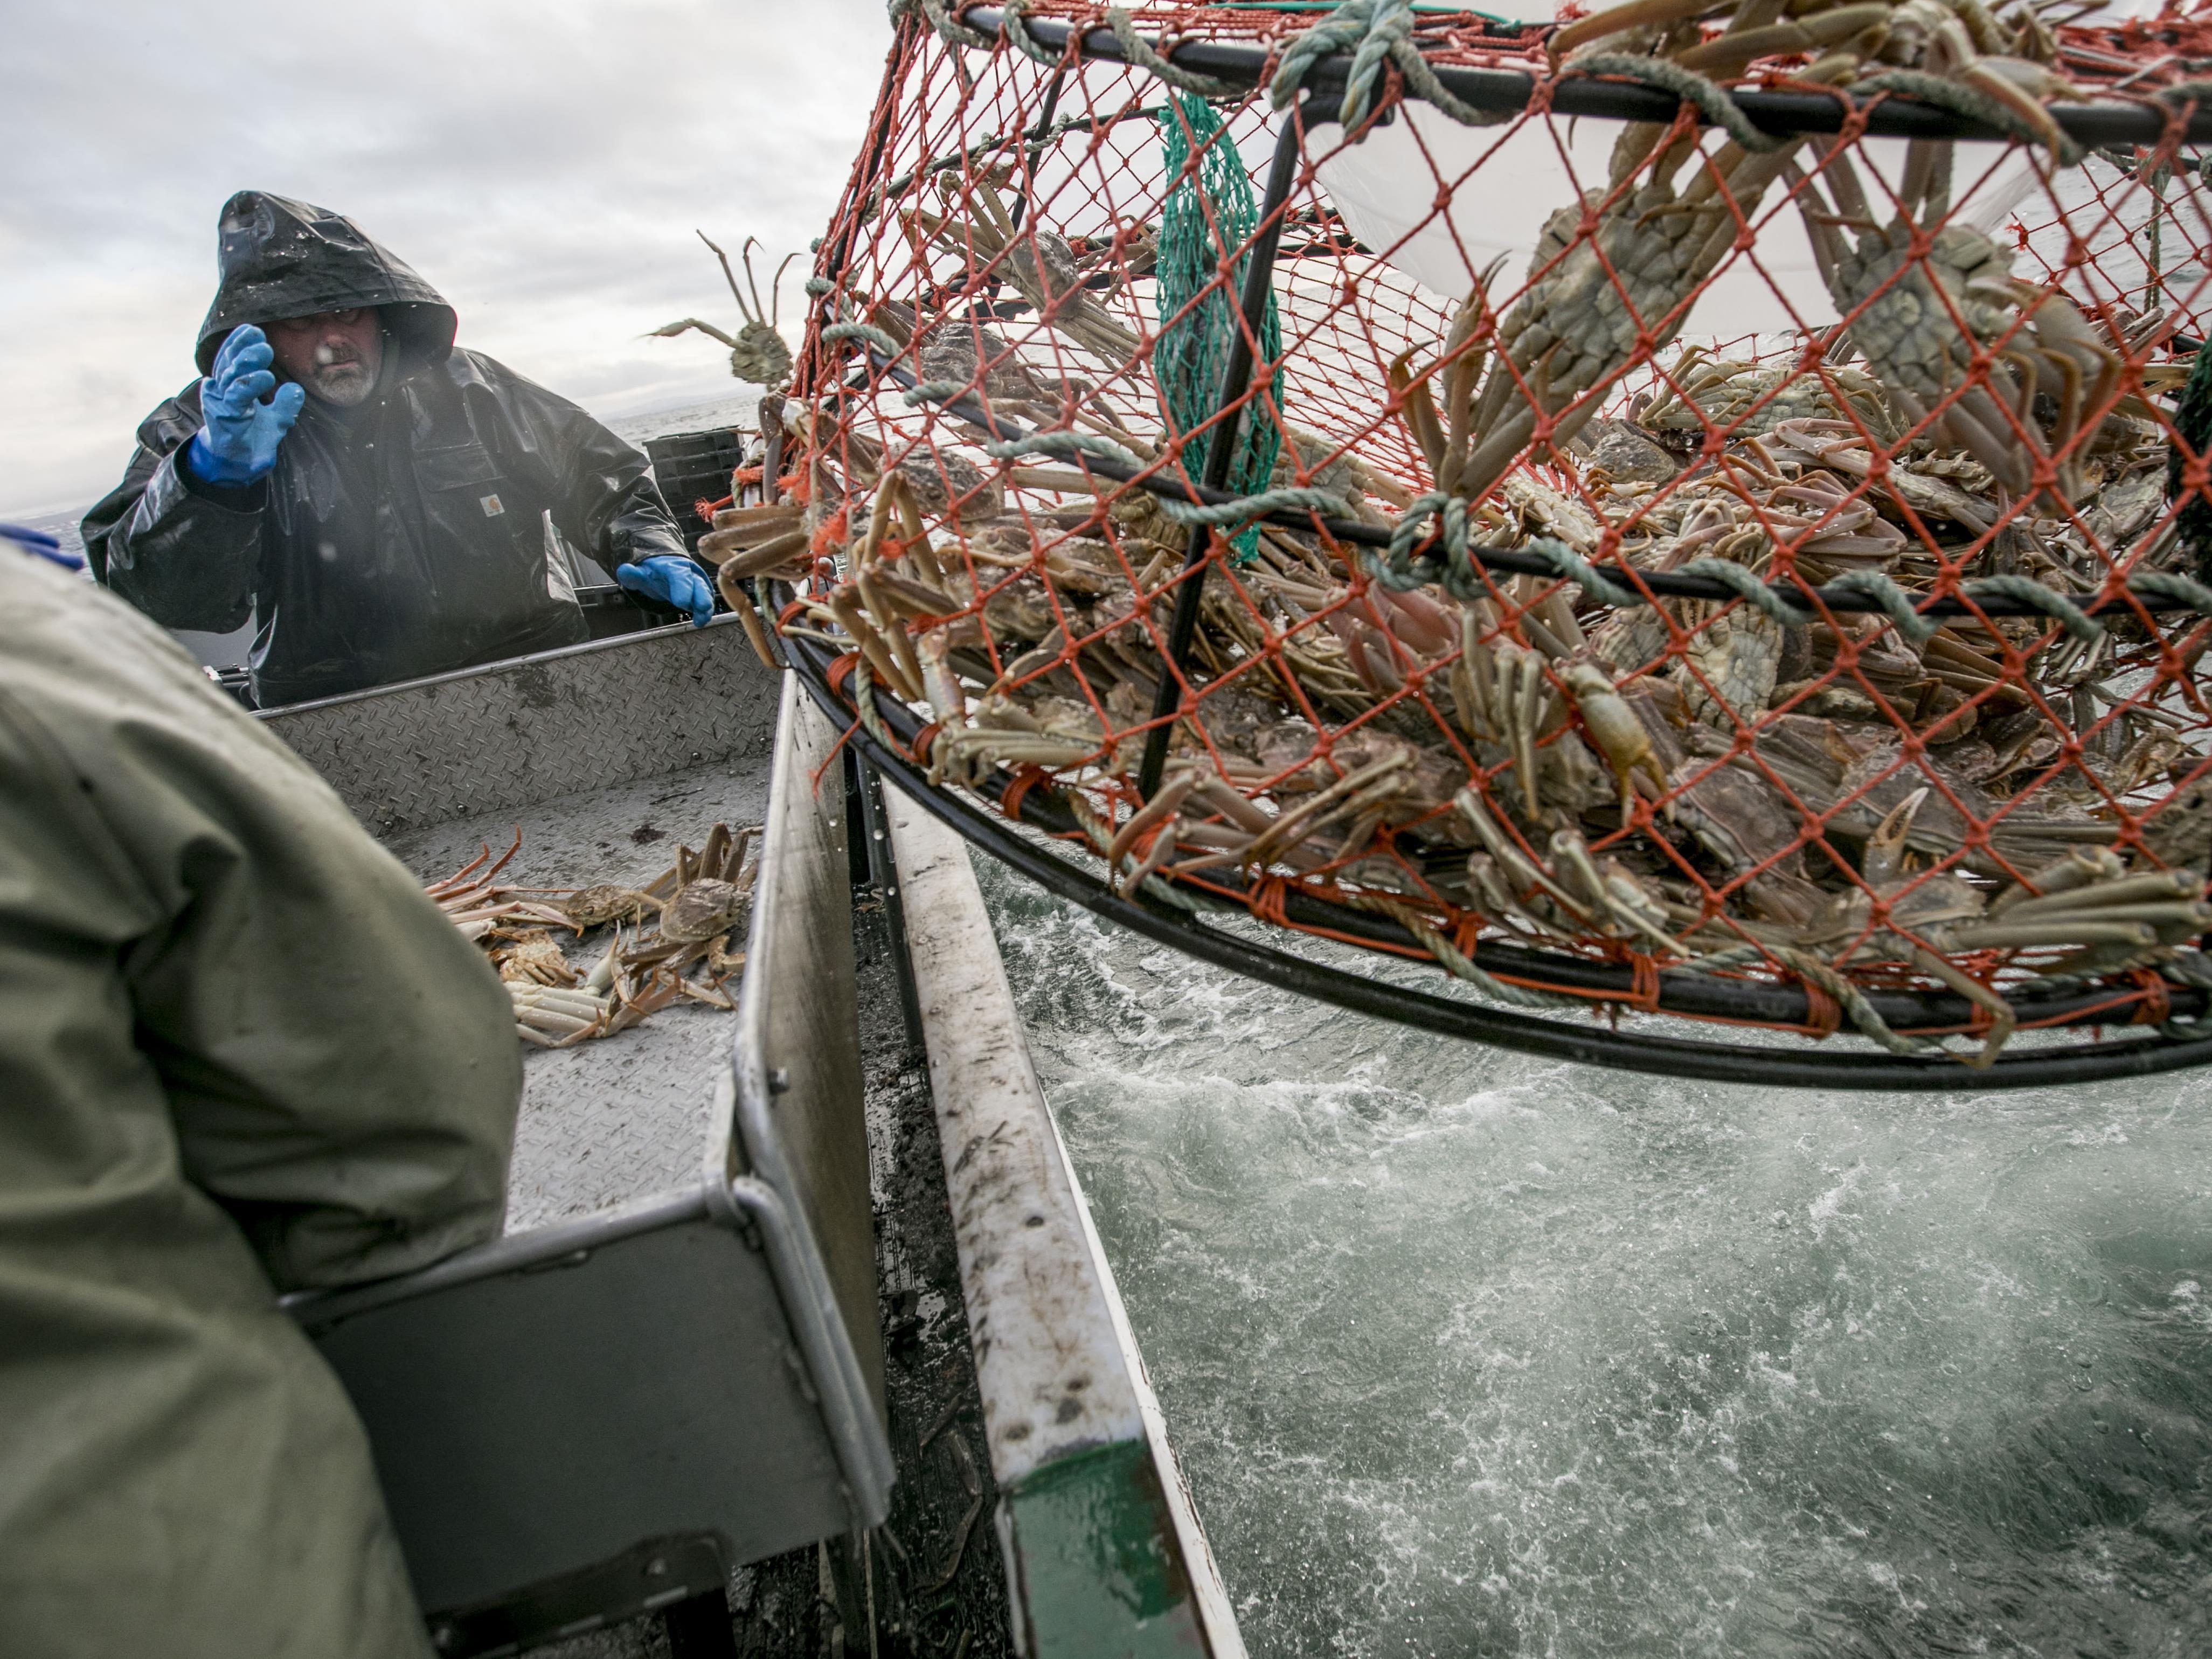 Des pêcheurs prêts à sortir le crabe de la cage